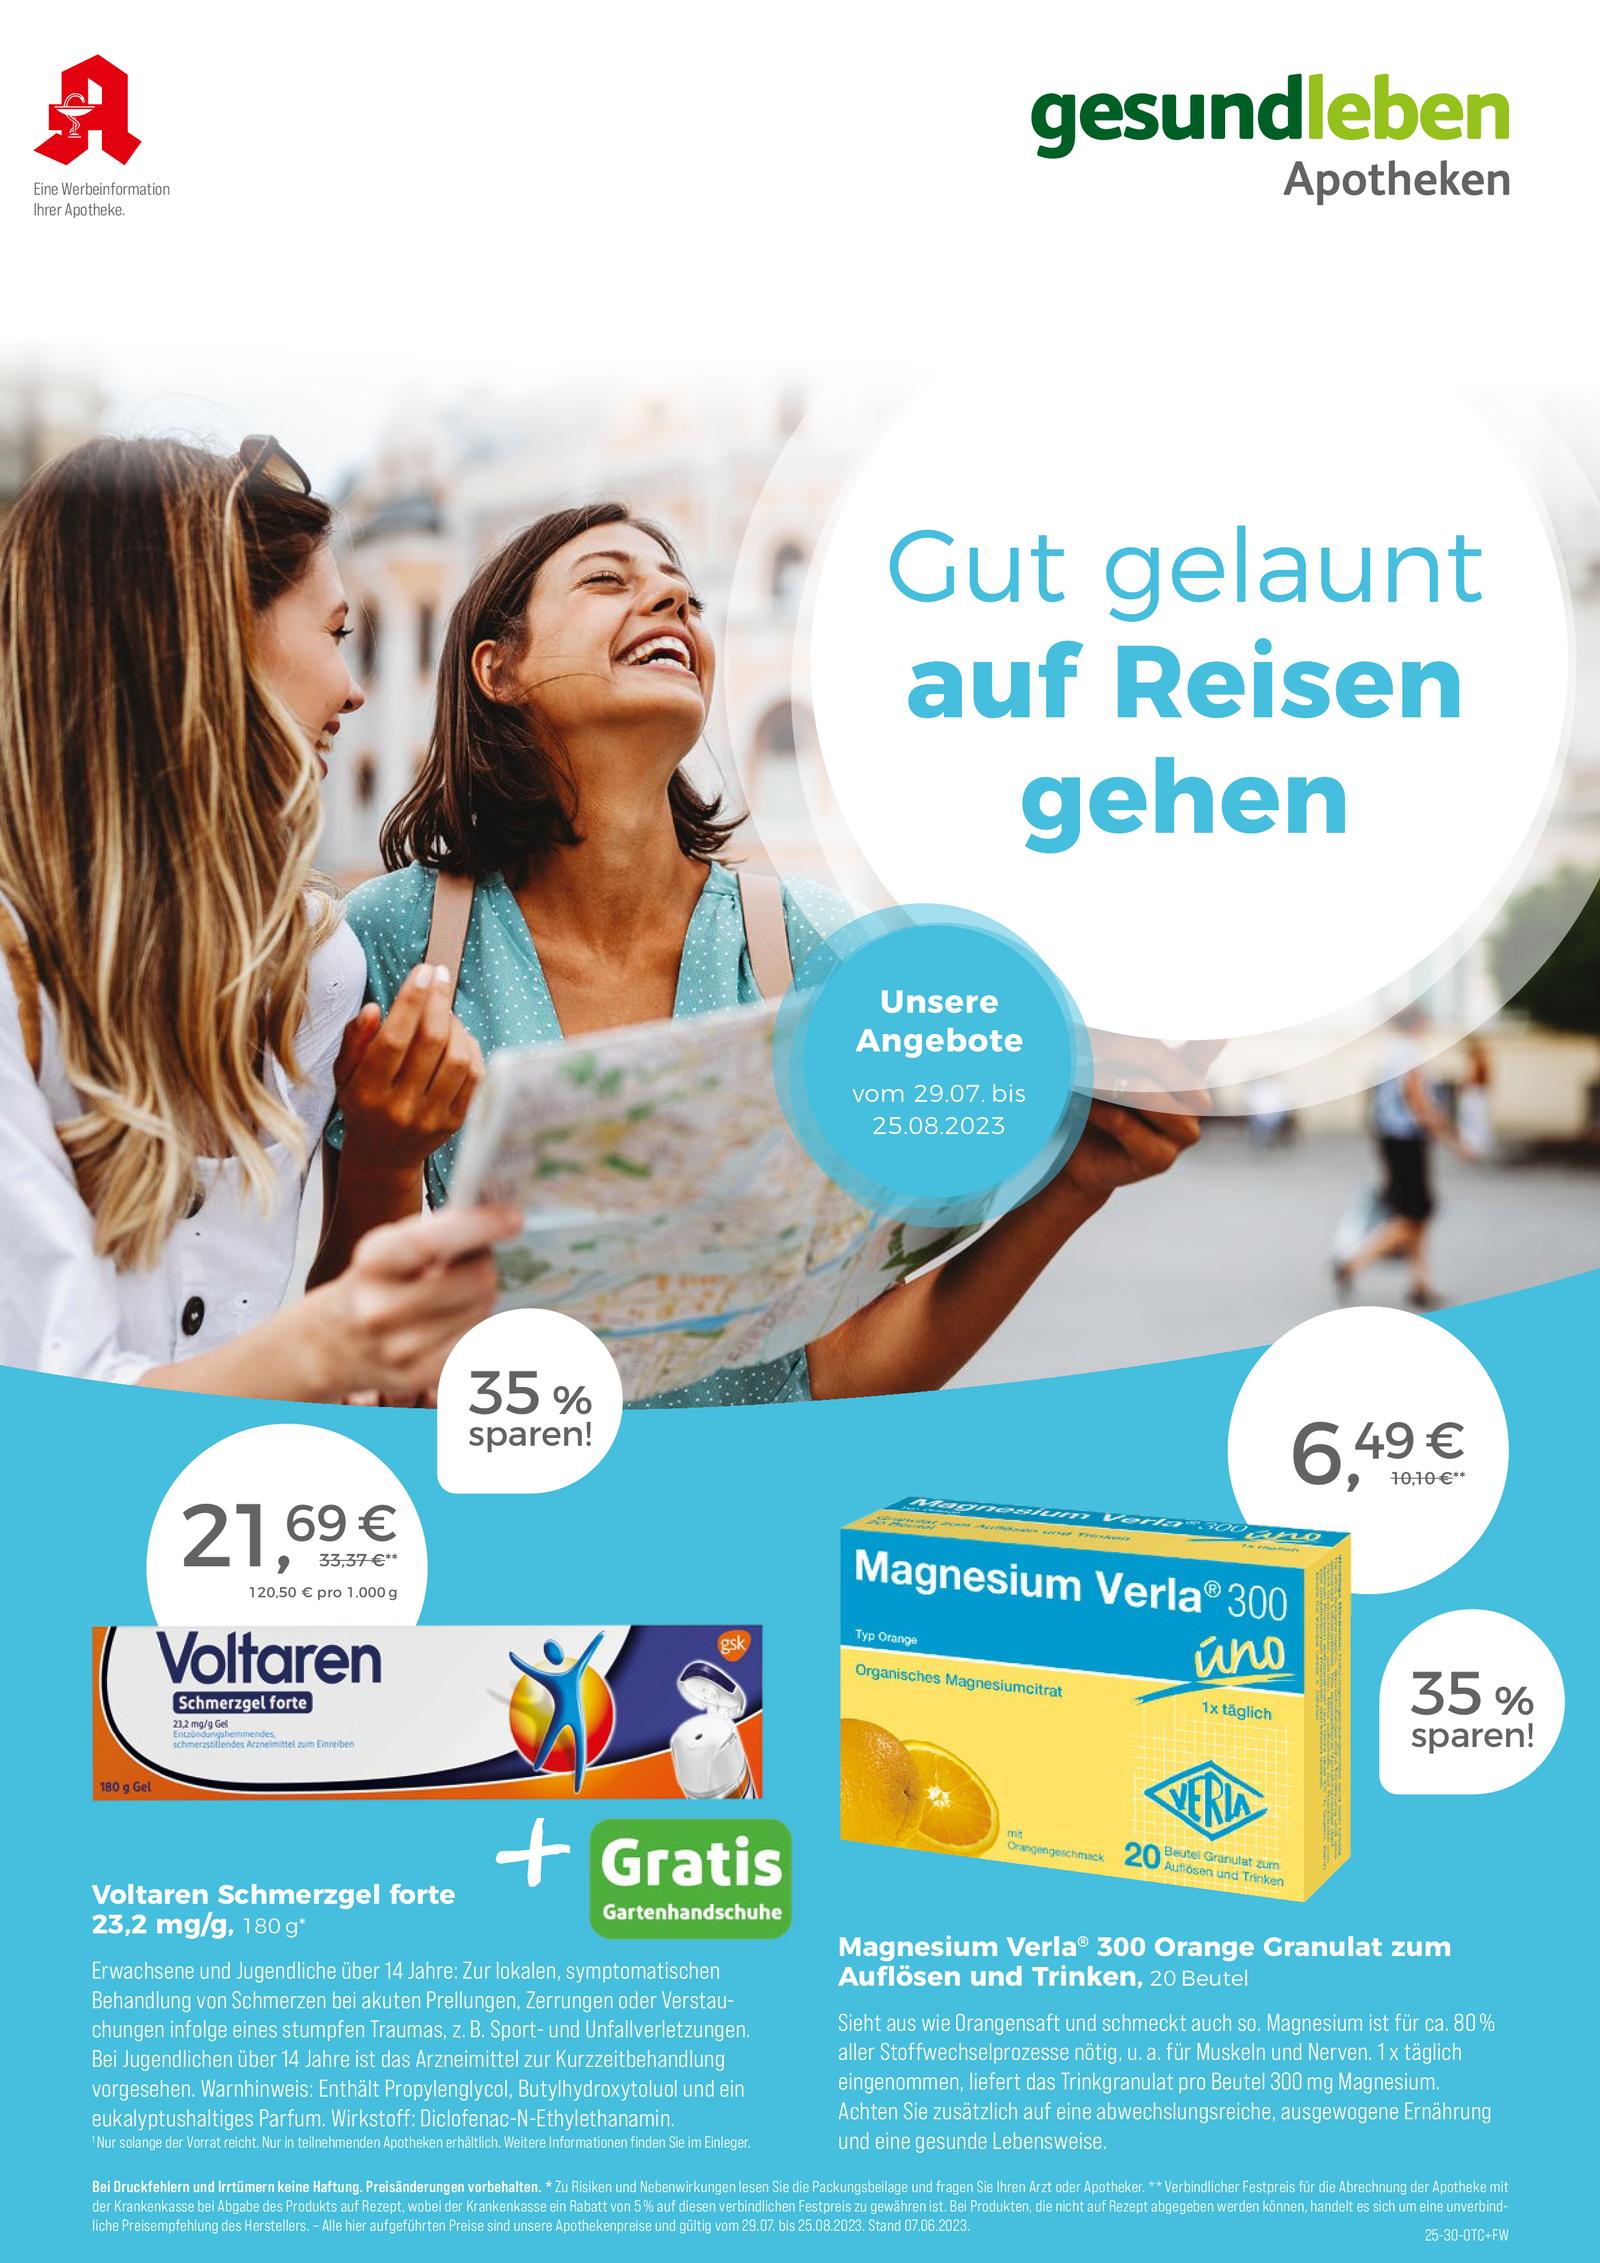 https://mein-uploads.apocdn.net/12446/leaflets/gesundleben_hoch-Seite1.png